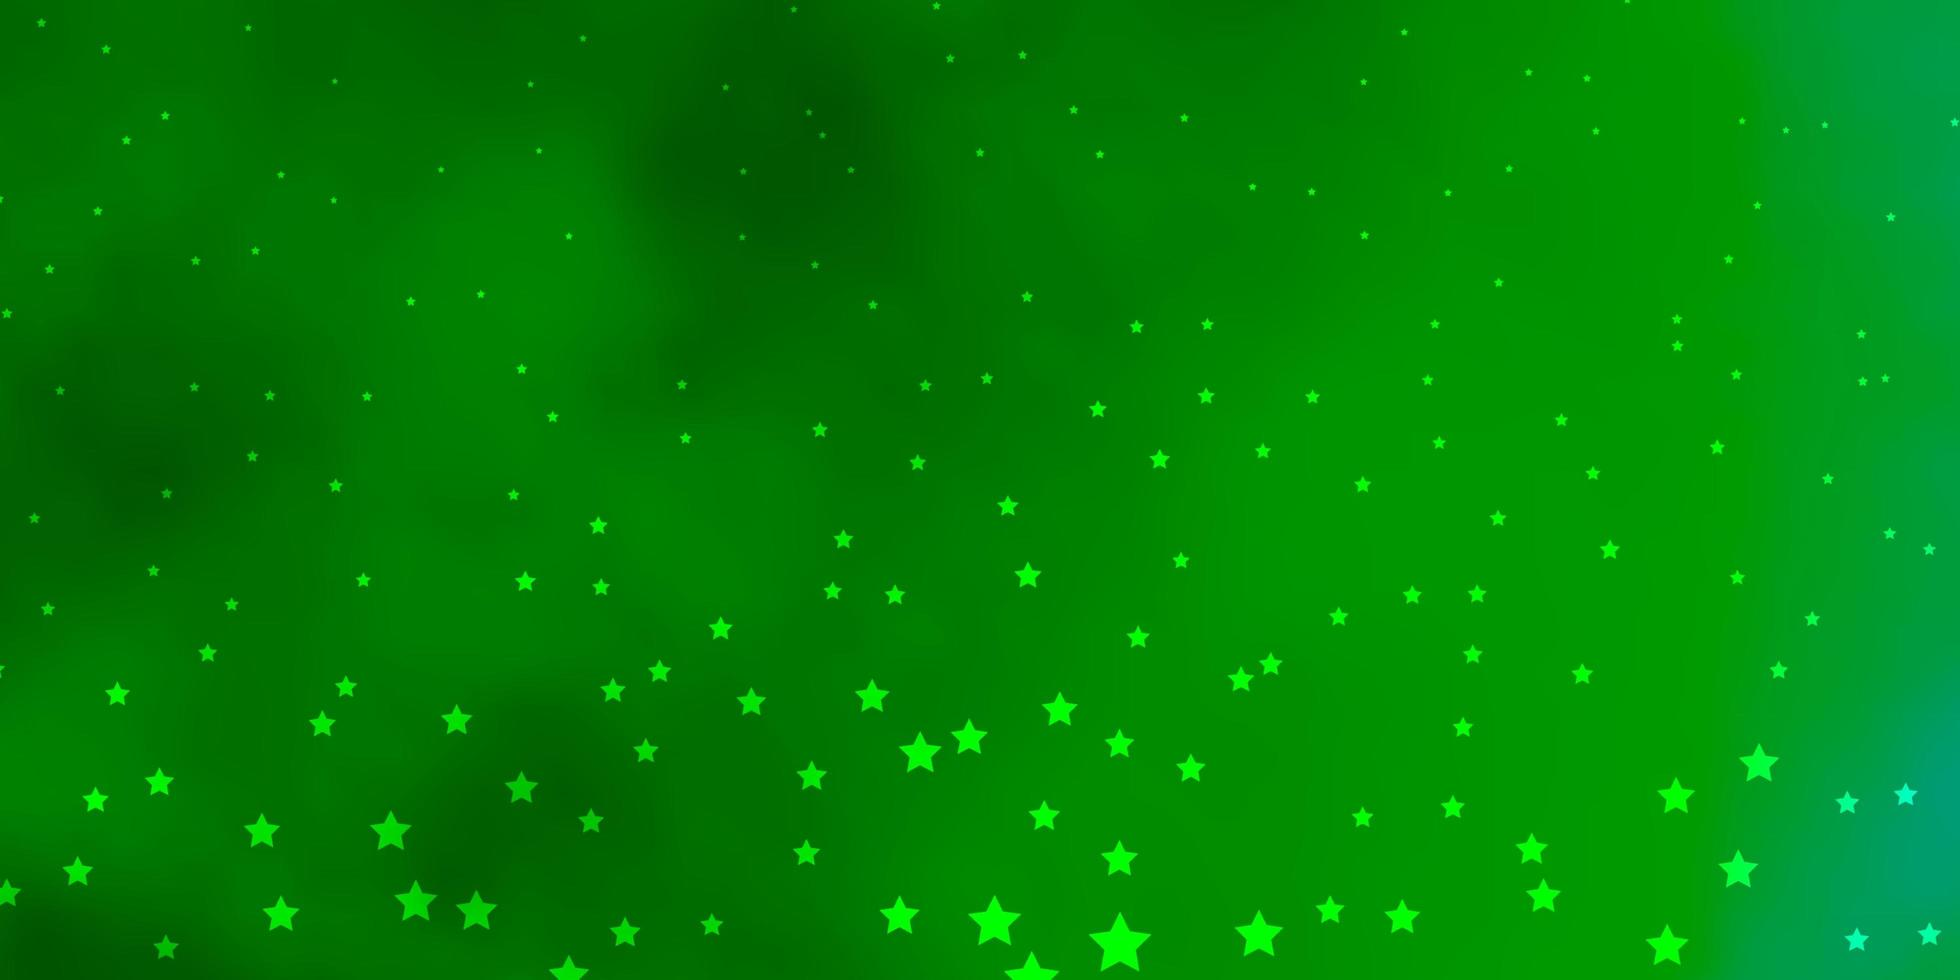 textura verde con hermosas estrellas. vector